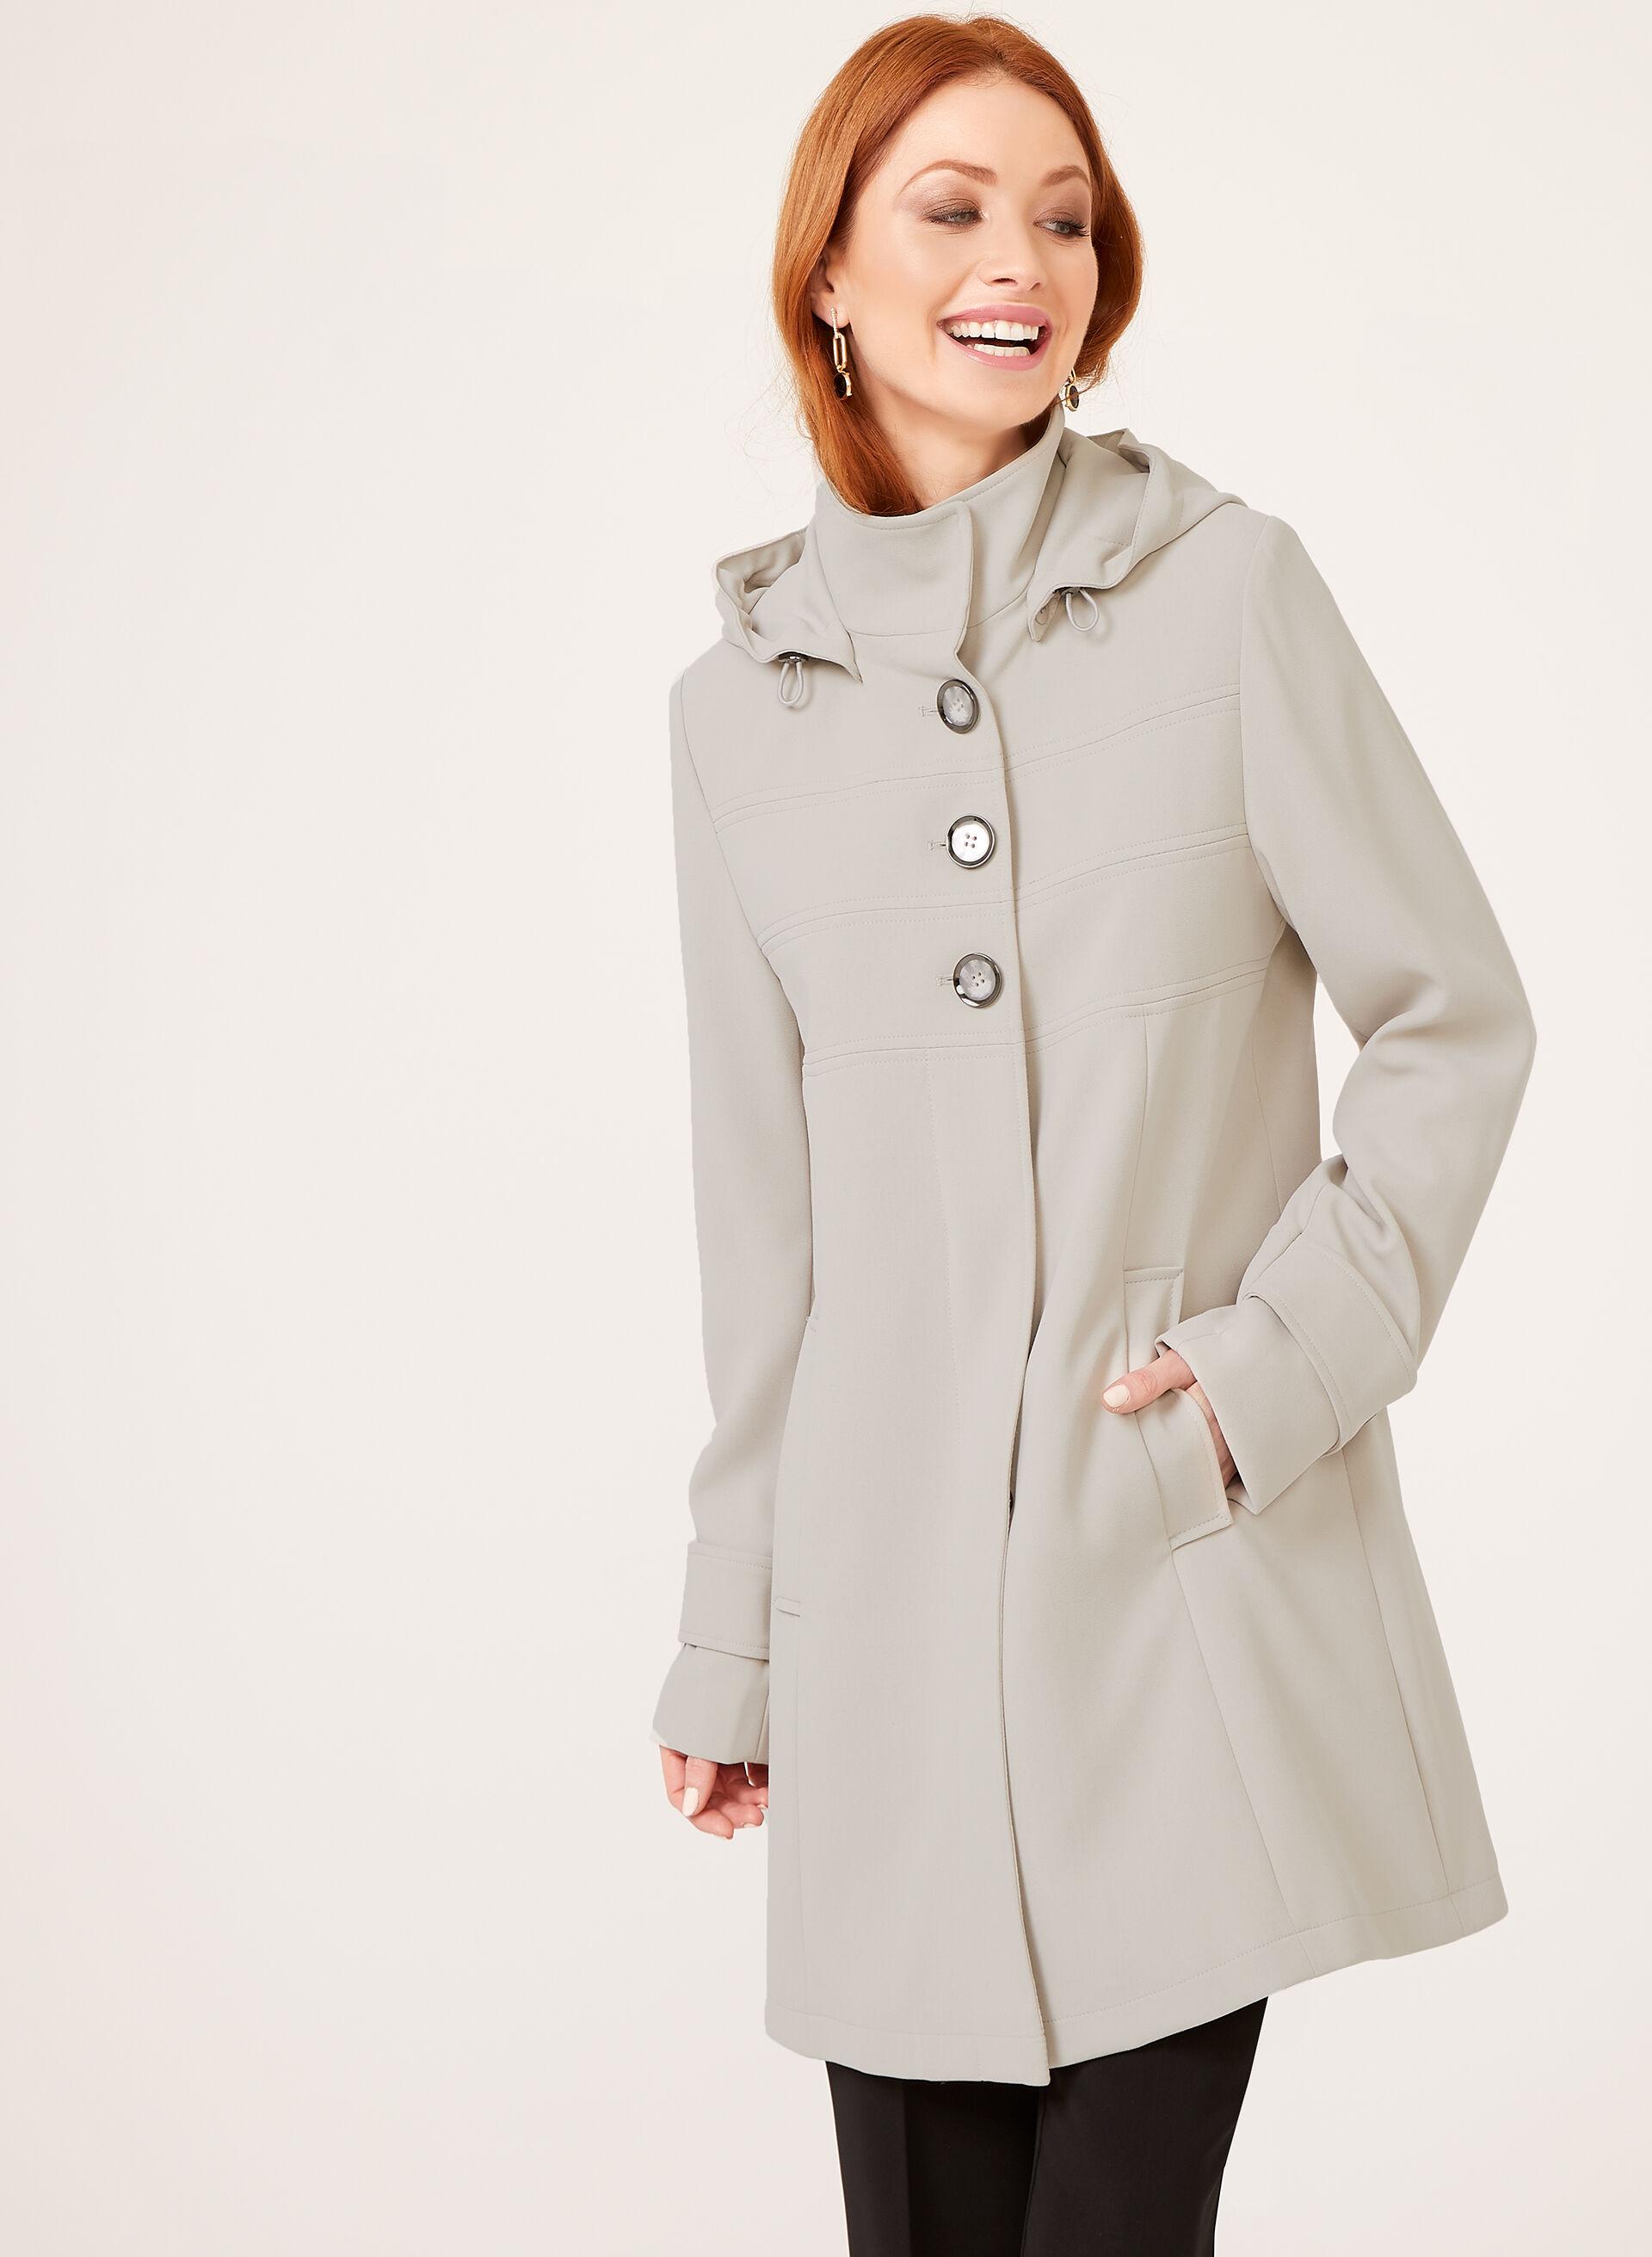 Womens winter coats guelph